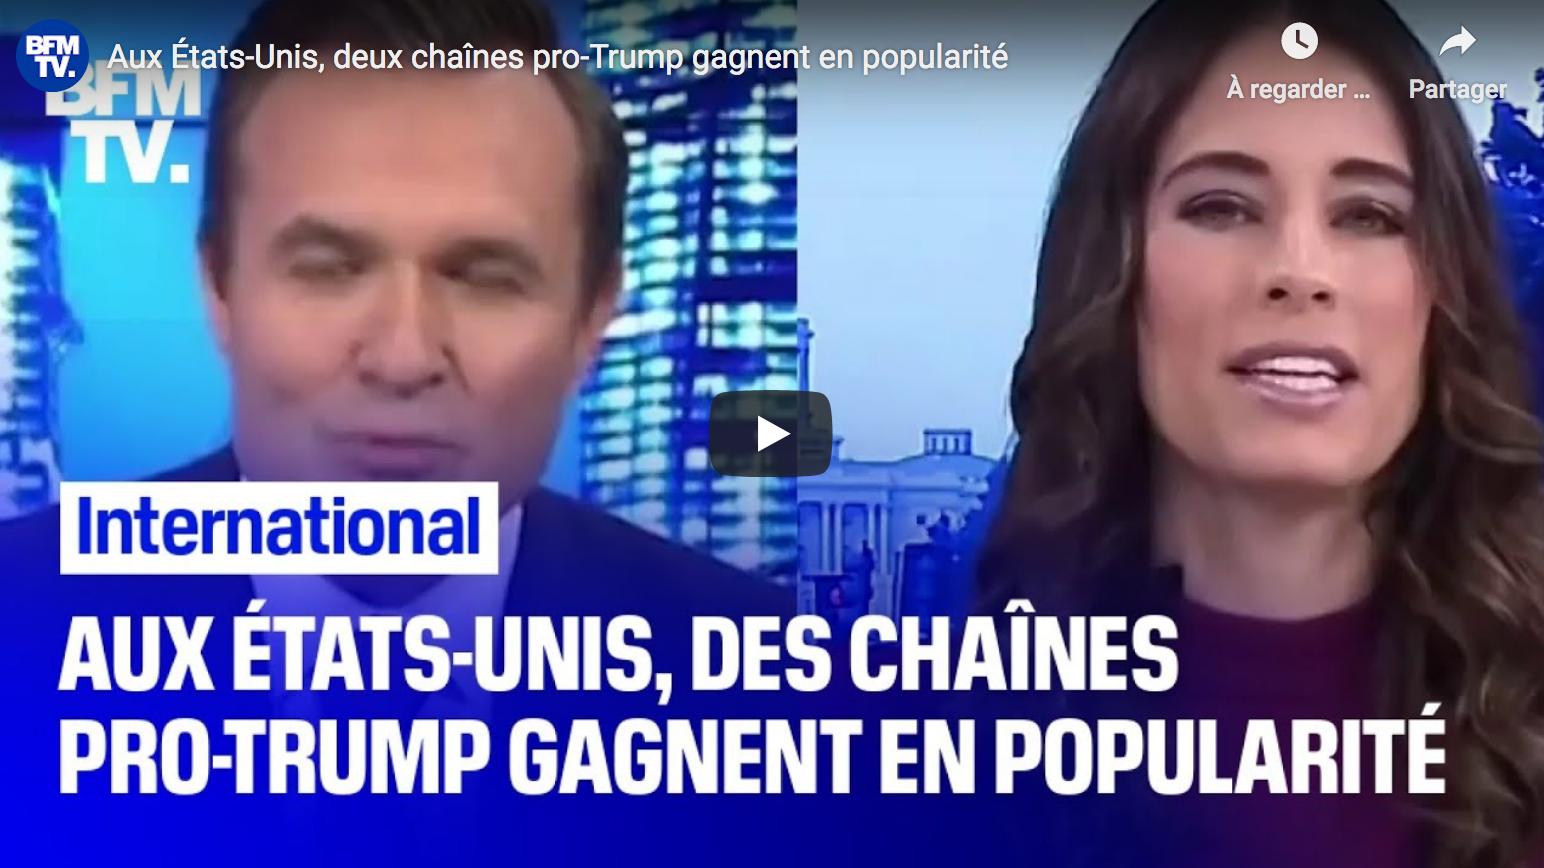 Aux États-Unis, deux chaînes pro-Trump gagnent en popularité